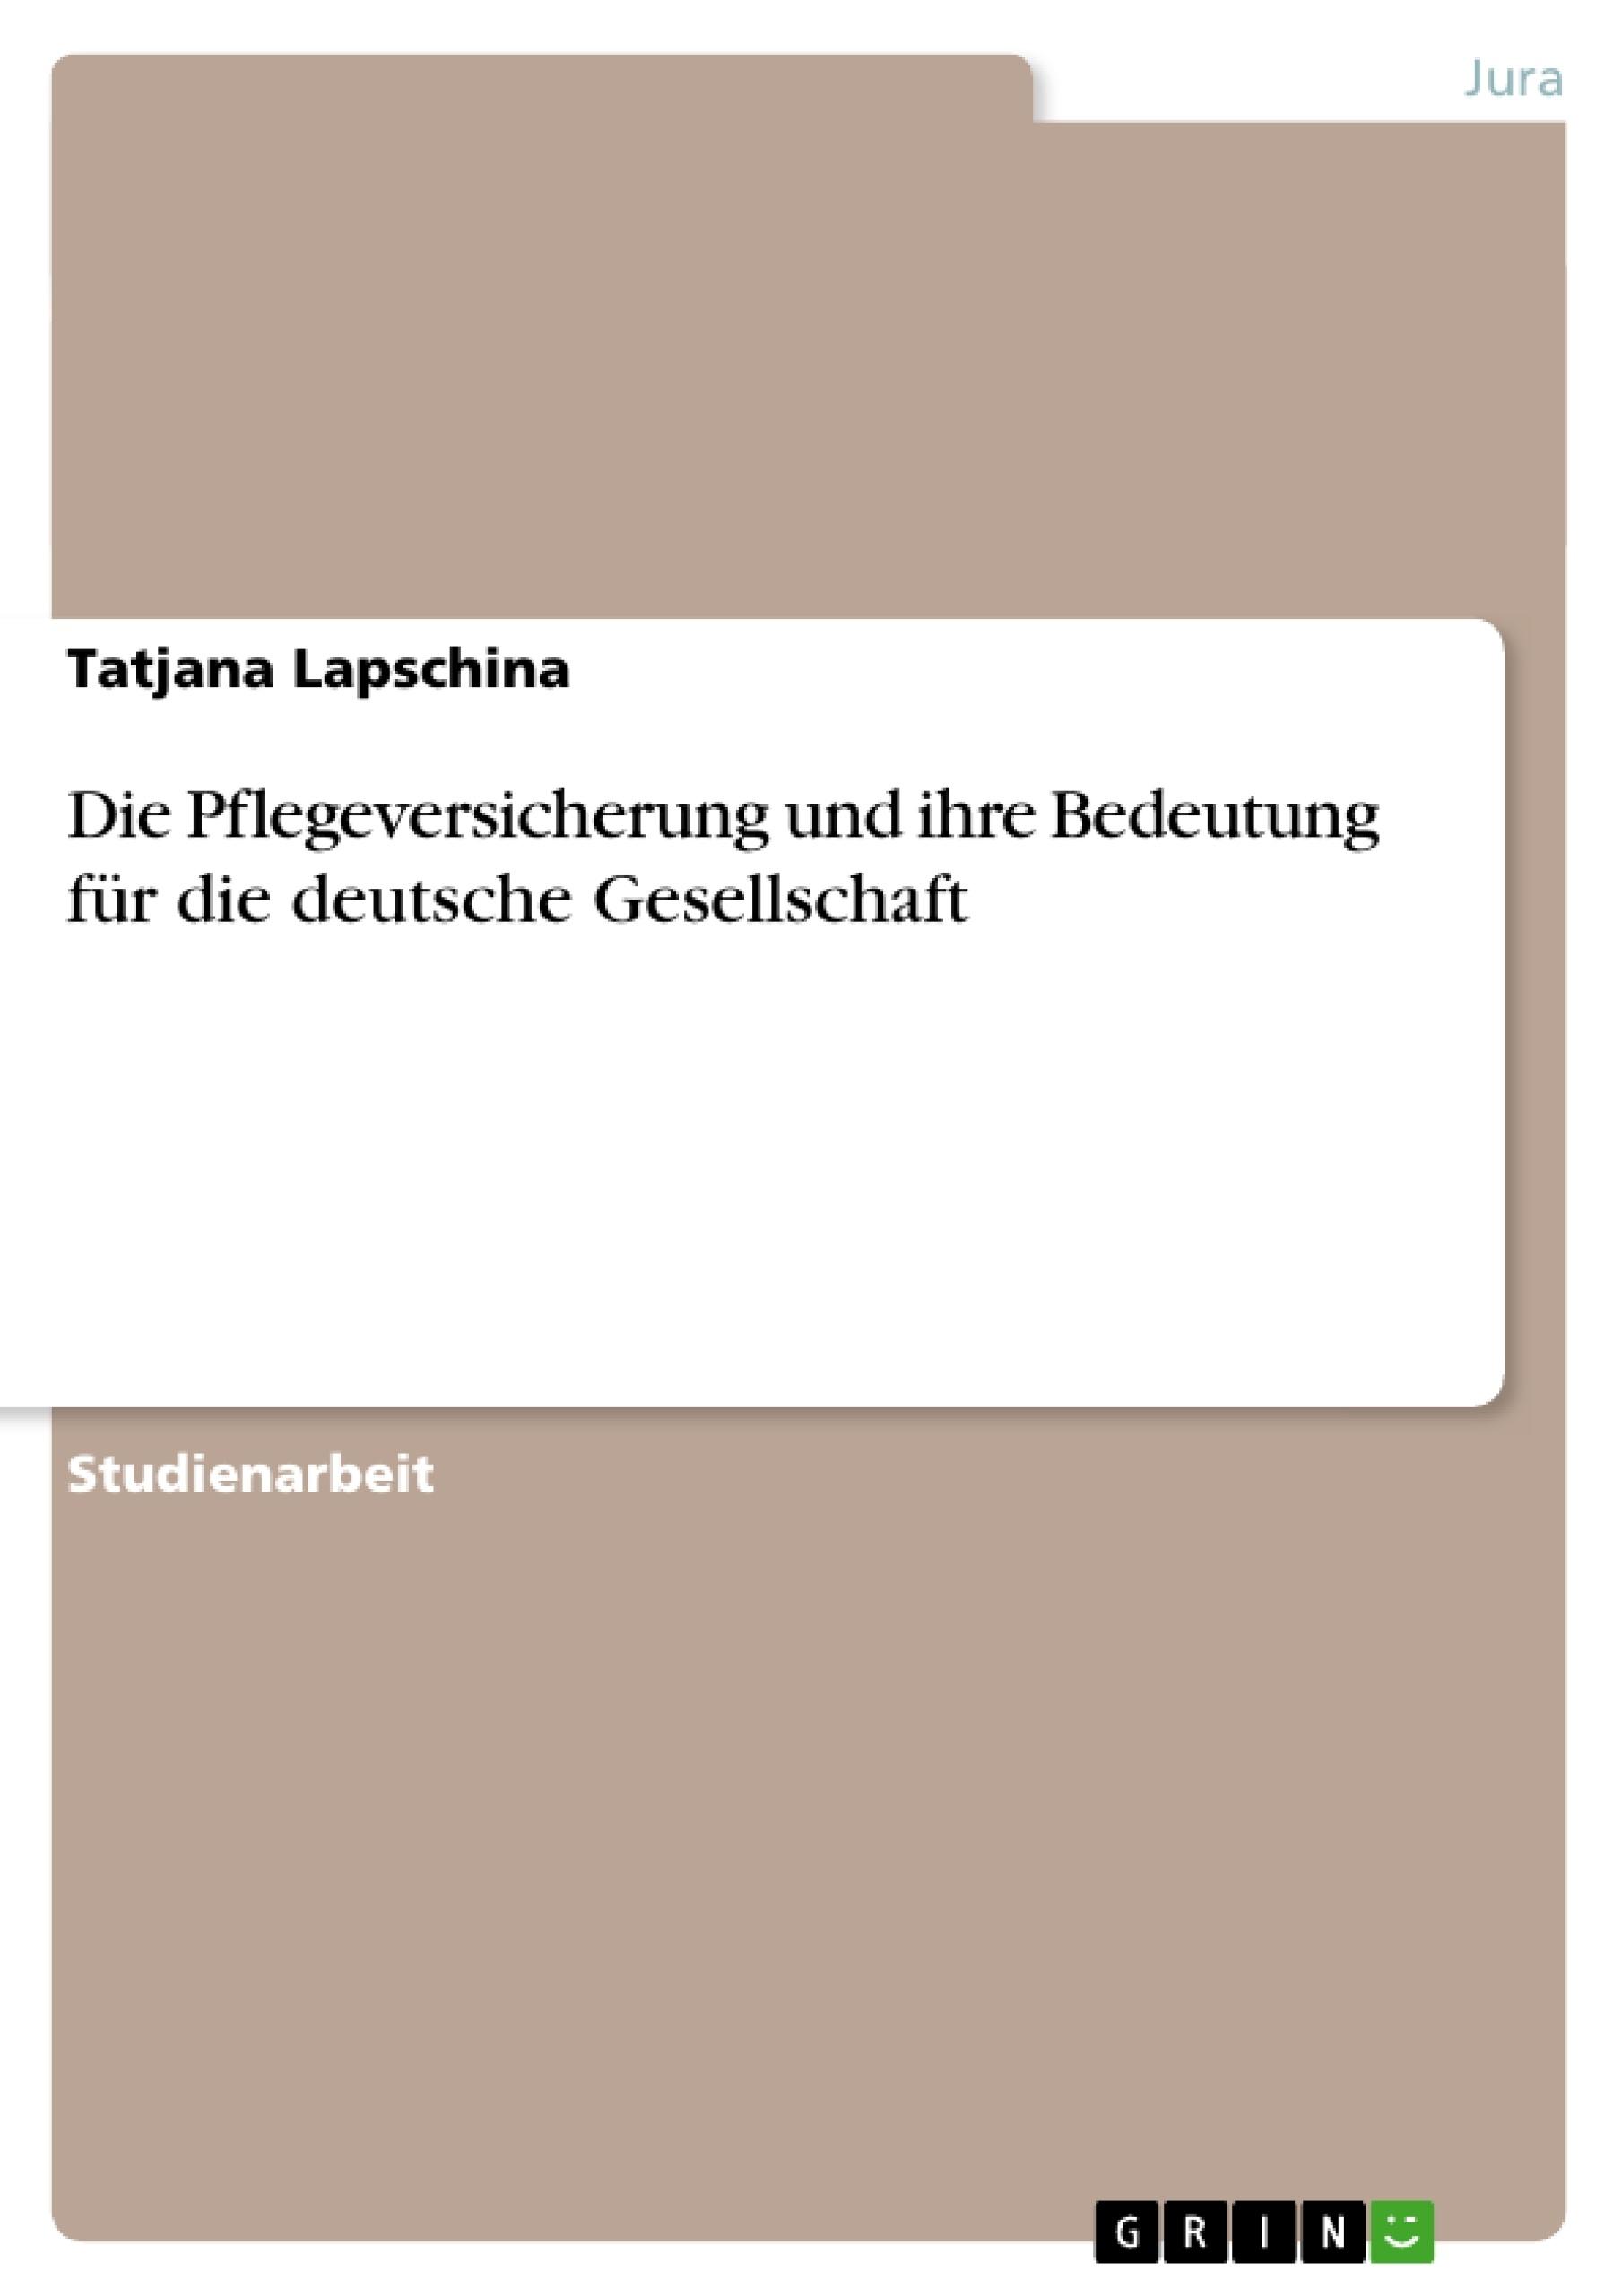 Titel: Die Pflegeversicherung und ihre Bedeutung für die deutsche Gesellschaft